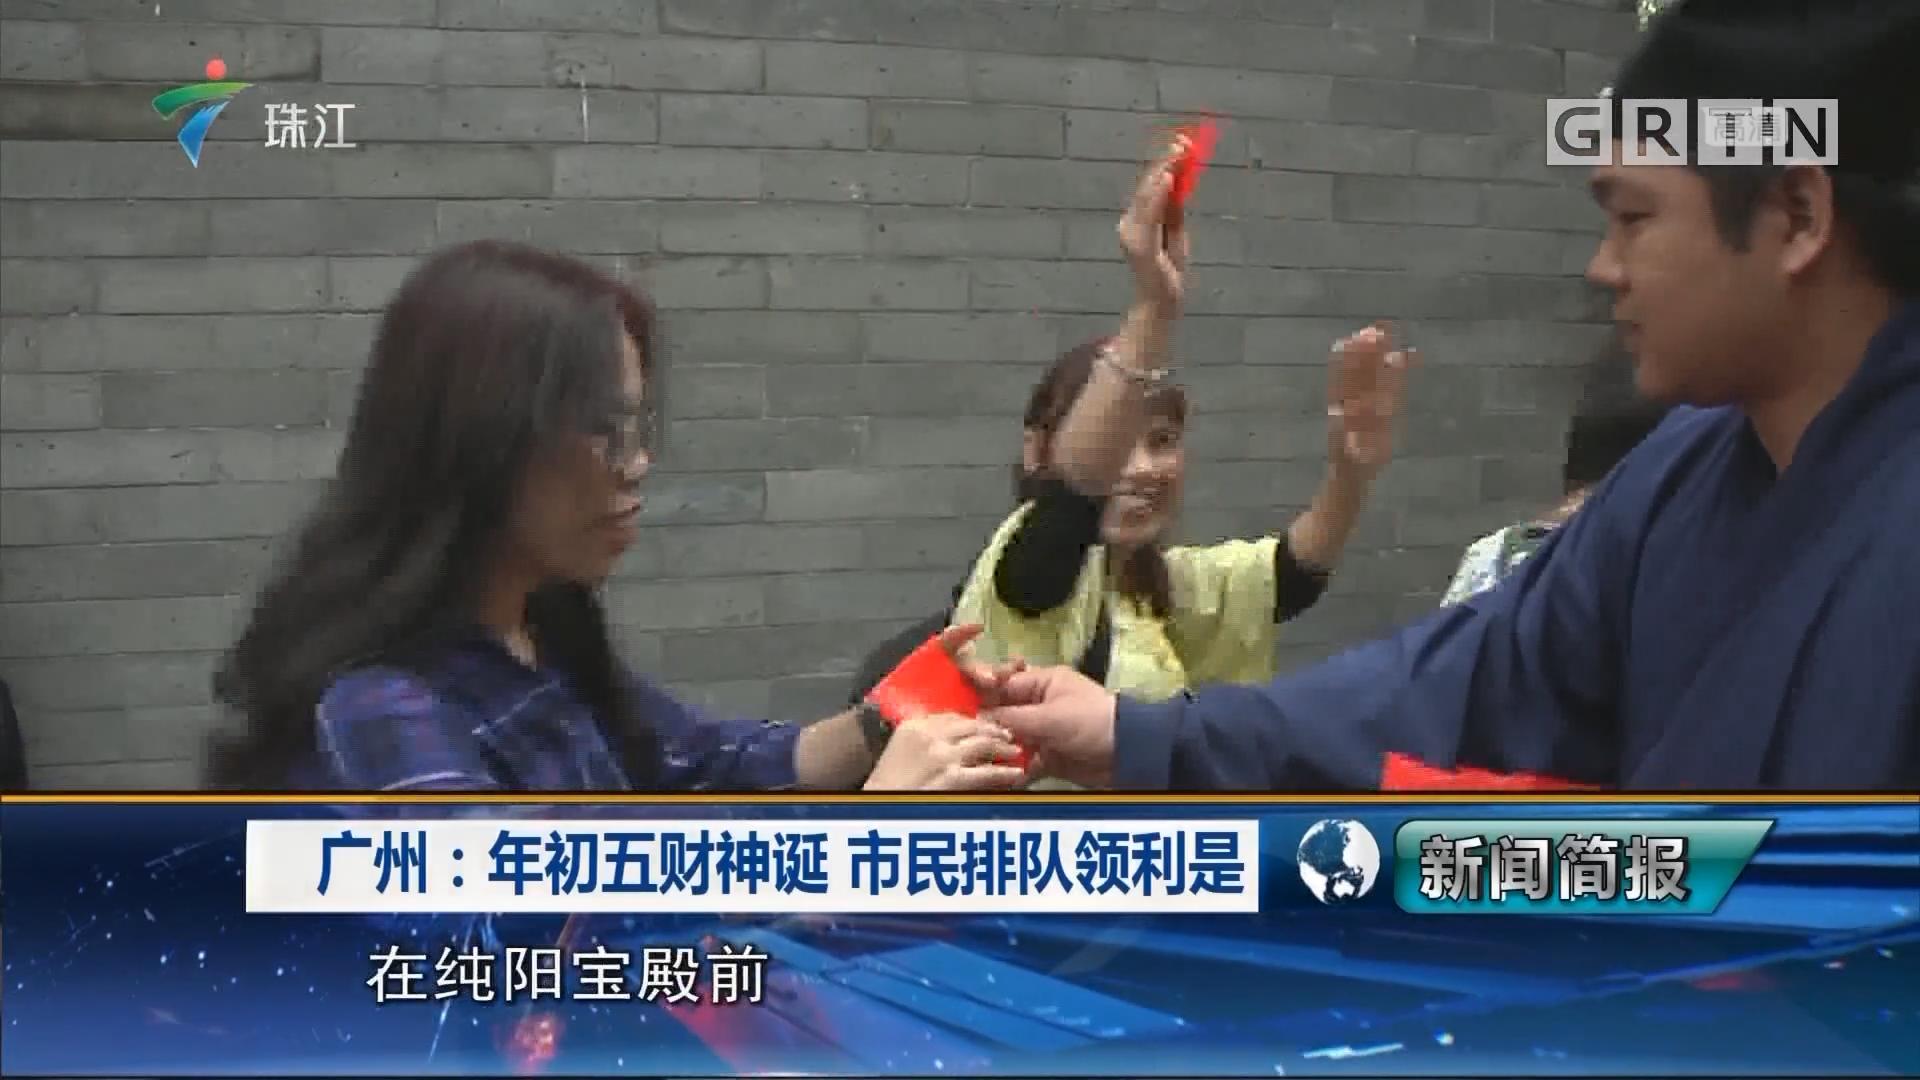 广州:年初五财神诞 市民排队领利是